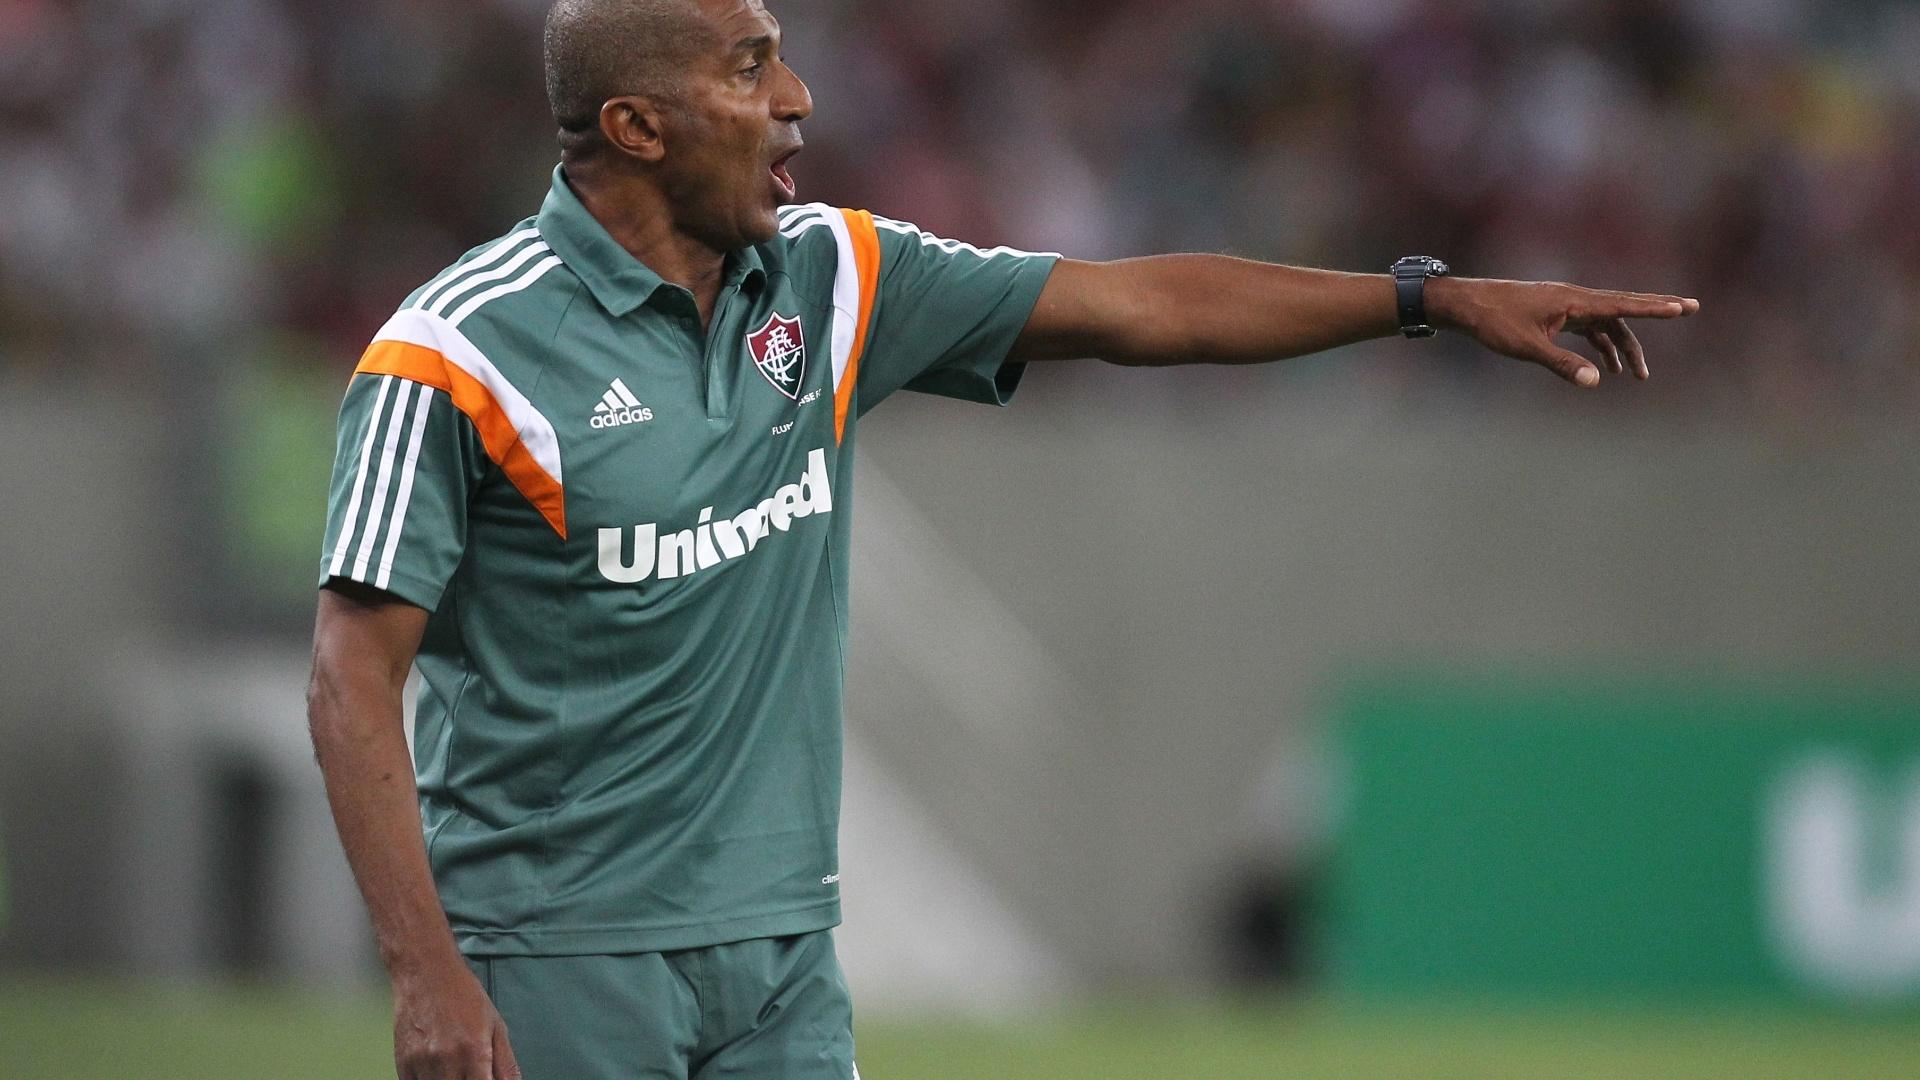 3.mai.2014 - Técnico Cristóvão Borges orienta seus jogadores na partida contra o Vitória